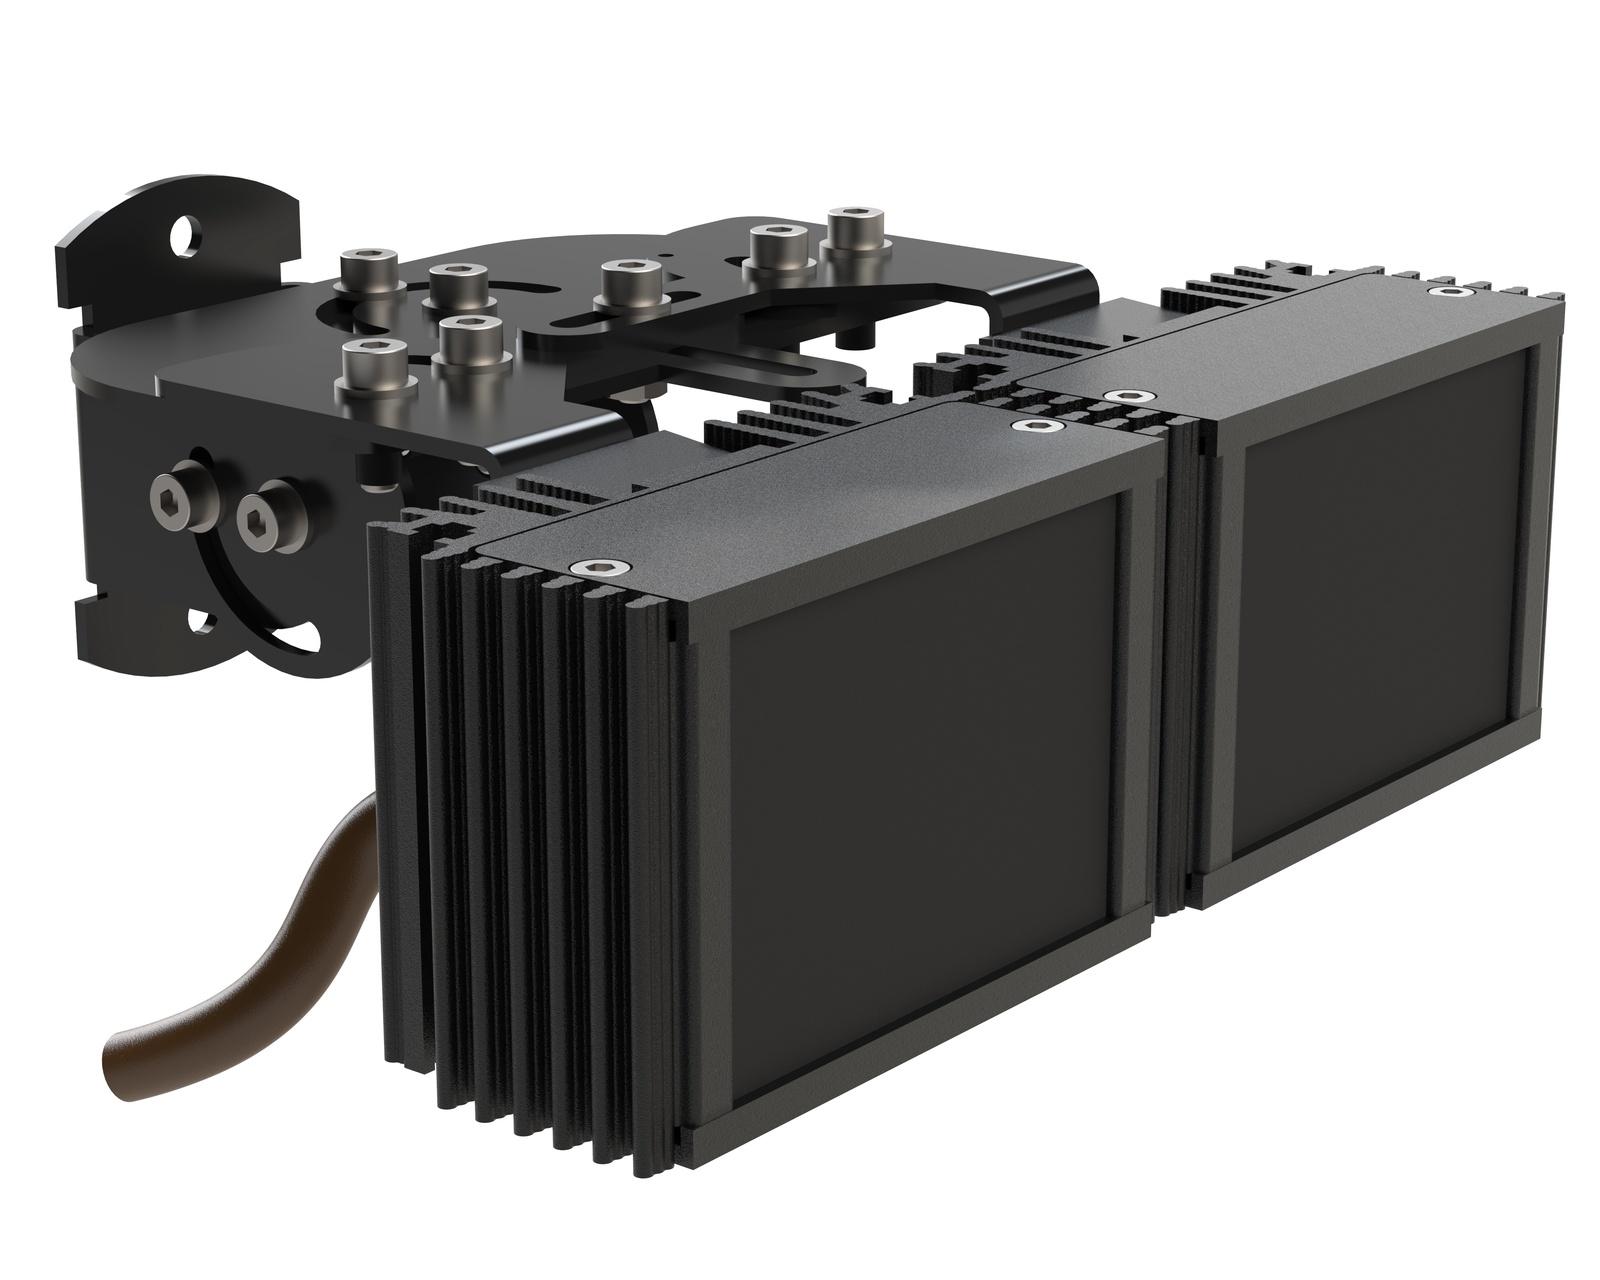 Инфракрасный прожектор Microlight IR VARIO S 2.8-12/20 с регулировкой угла для камеры с объективом 2,8-12 мм. Дальность до 50 метров ночного видения Уличный IP67